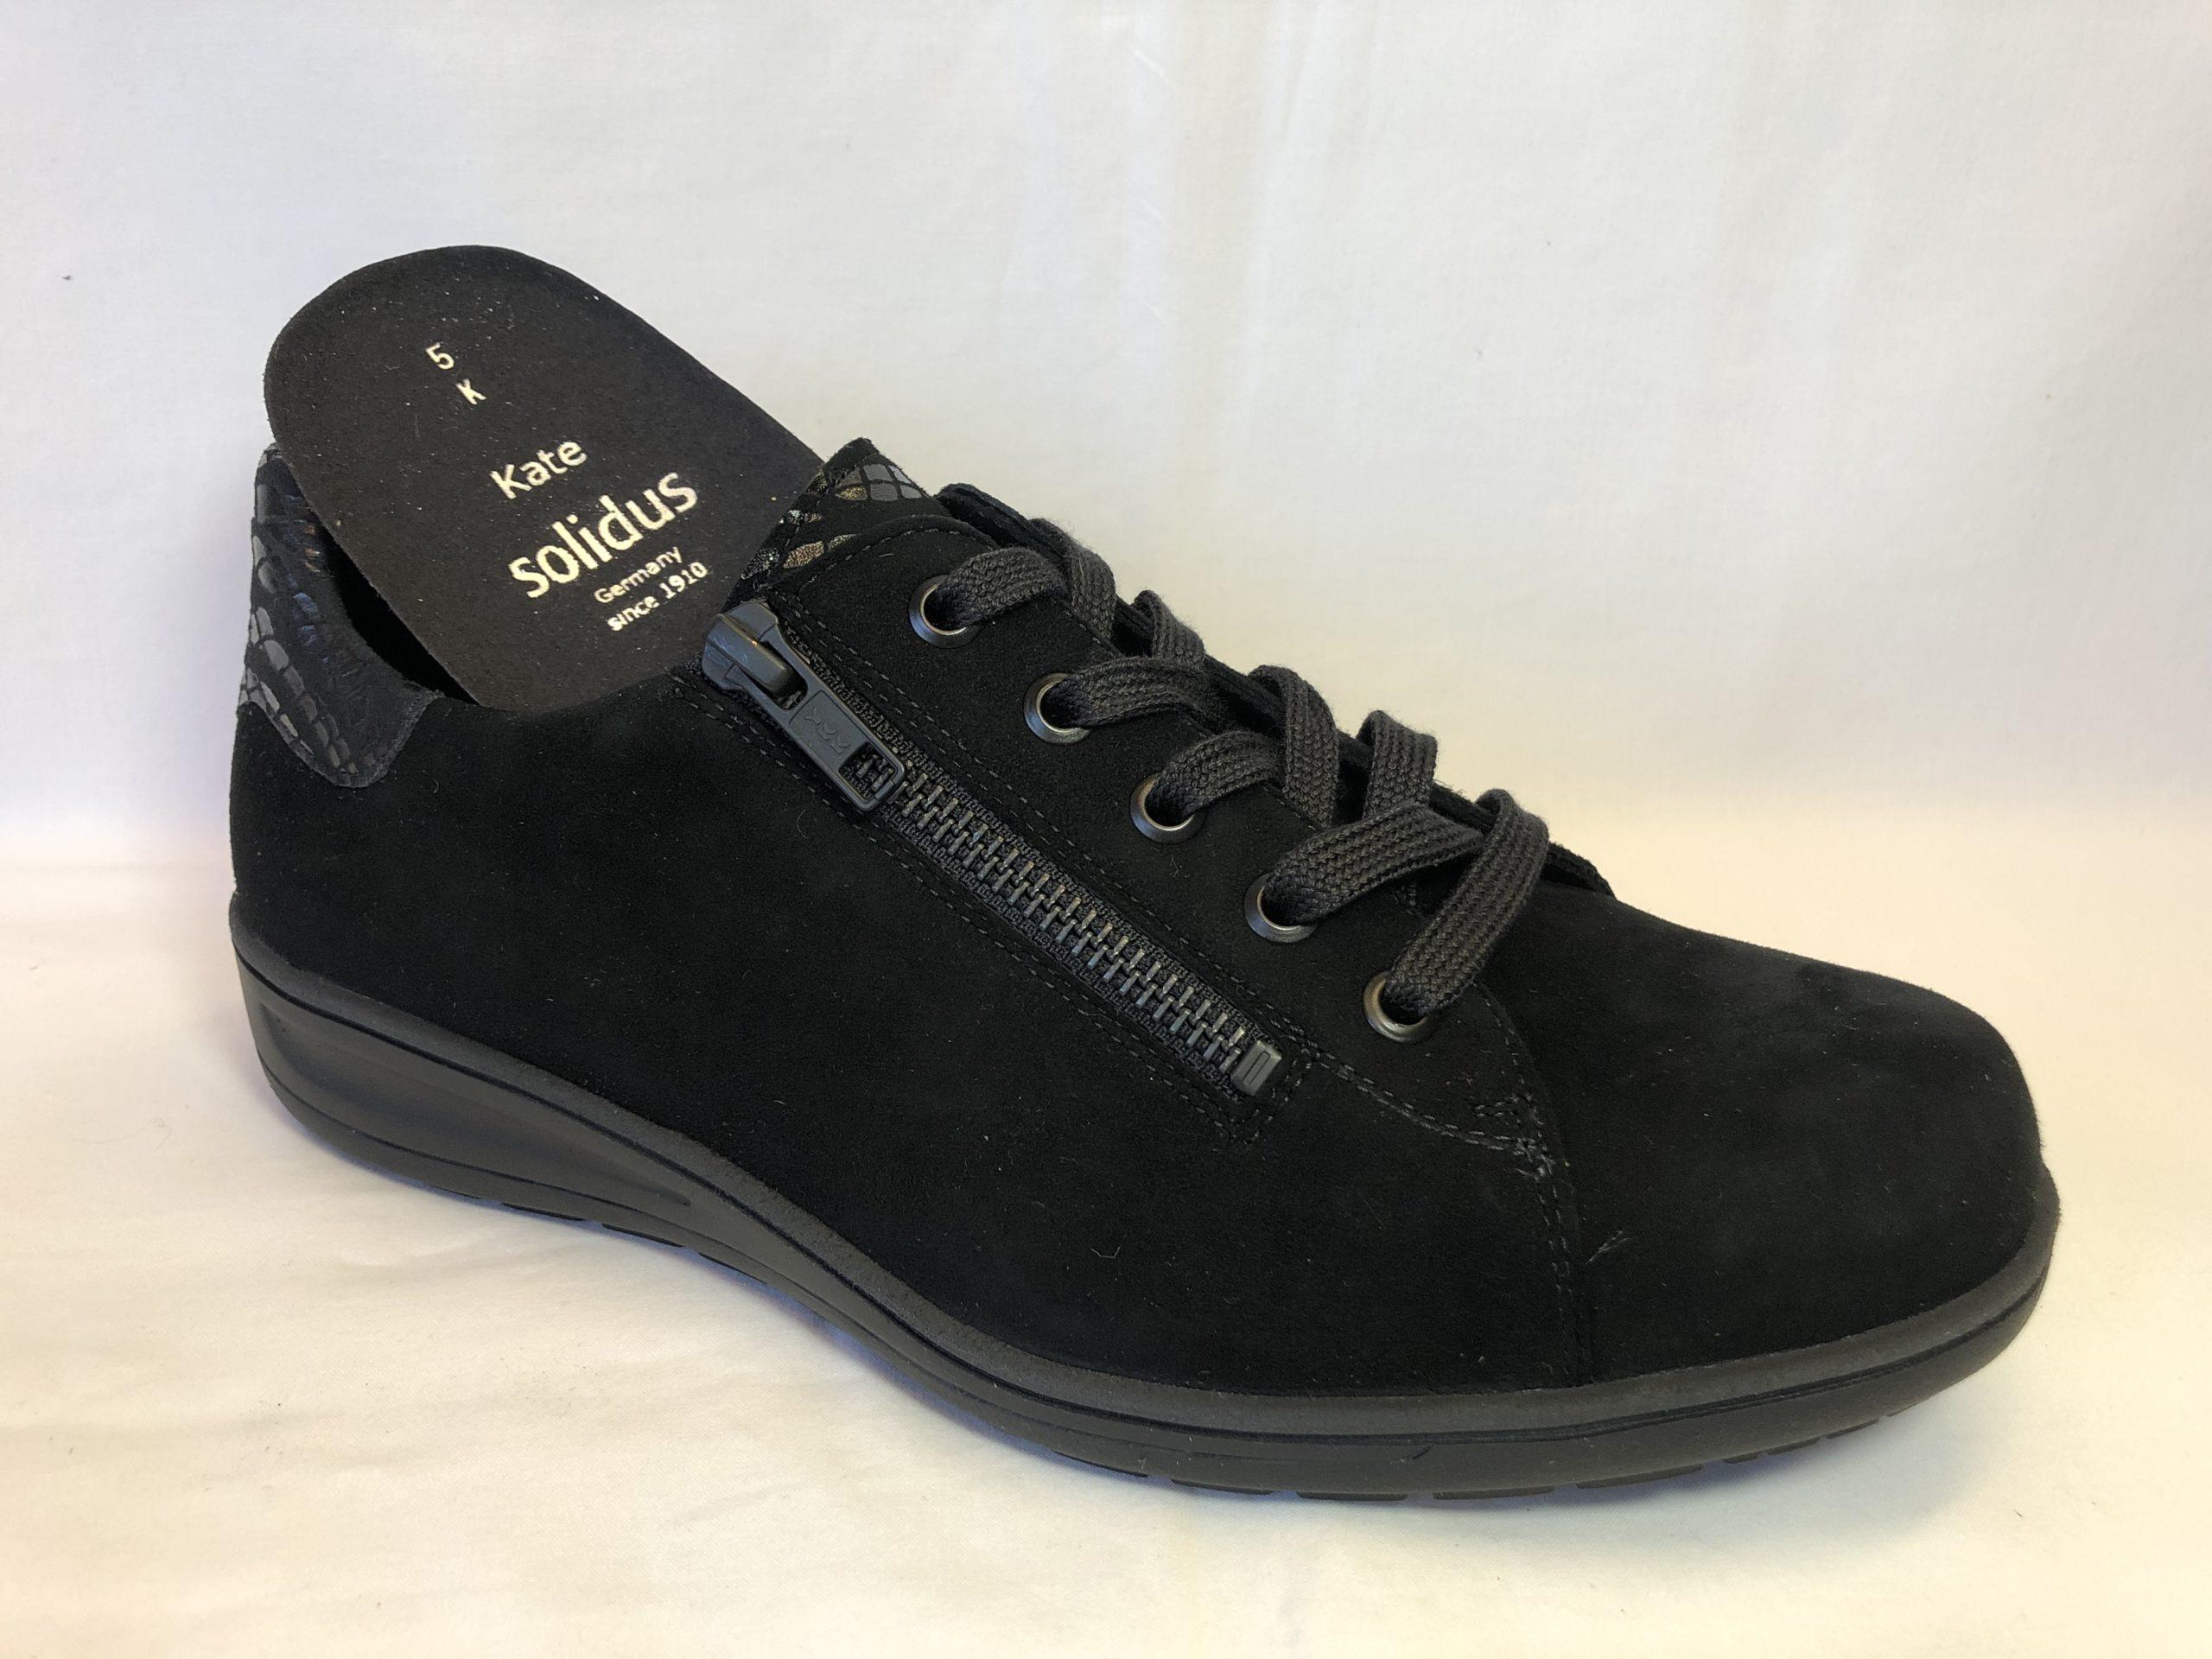 Magasin de chaussures orthopédiques à Jodoigne - Solidus